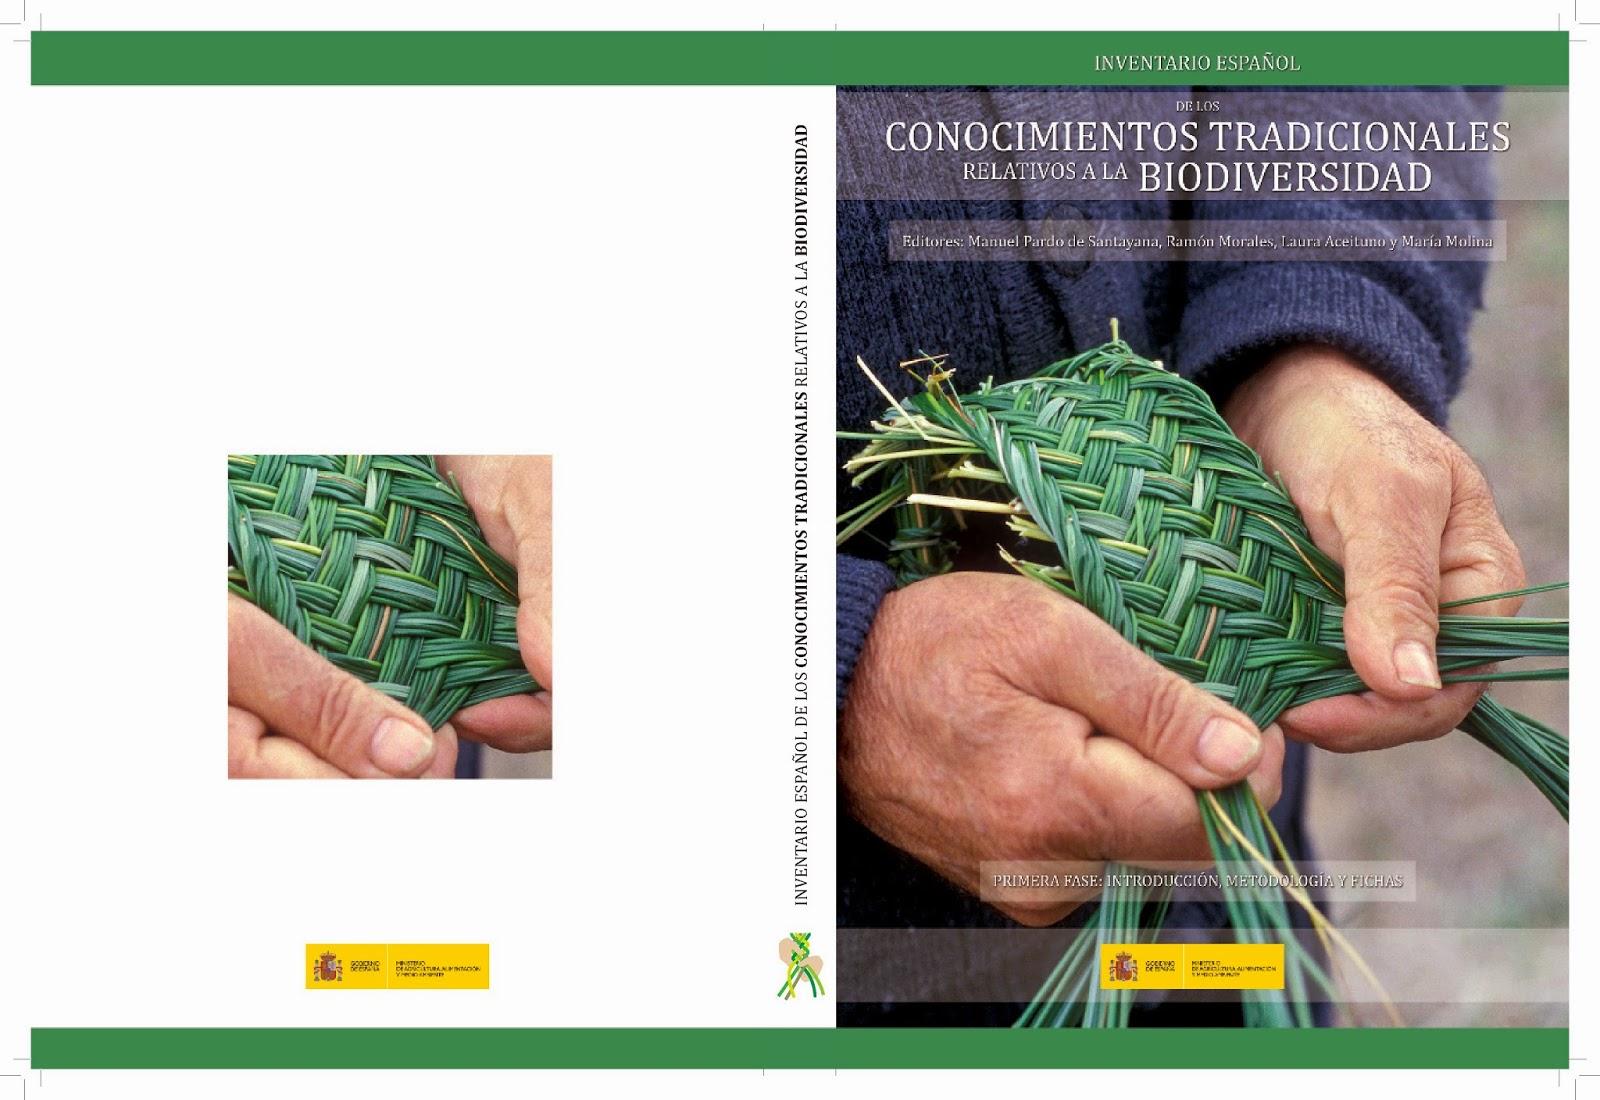 """""""Inventario español de los conocimientos tradicionales relativos a la biodiversidad""""."""